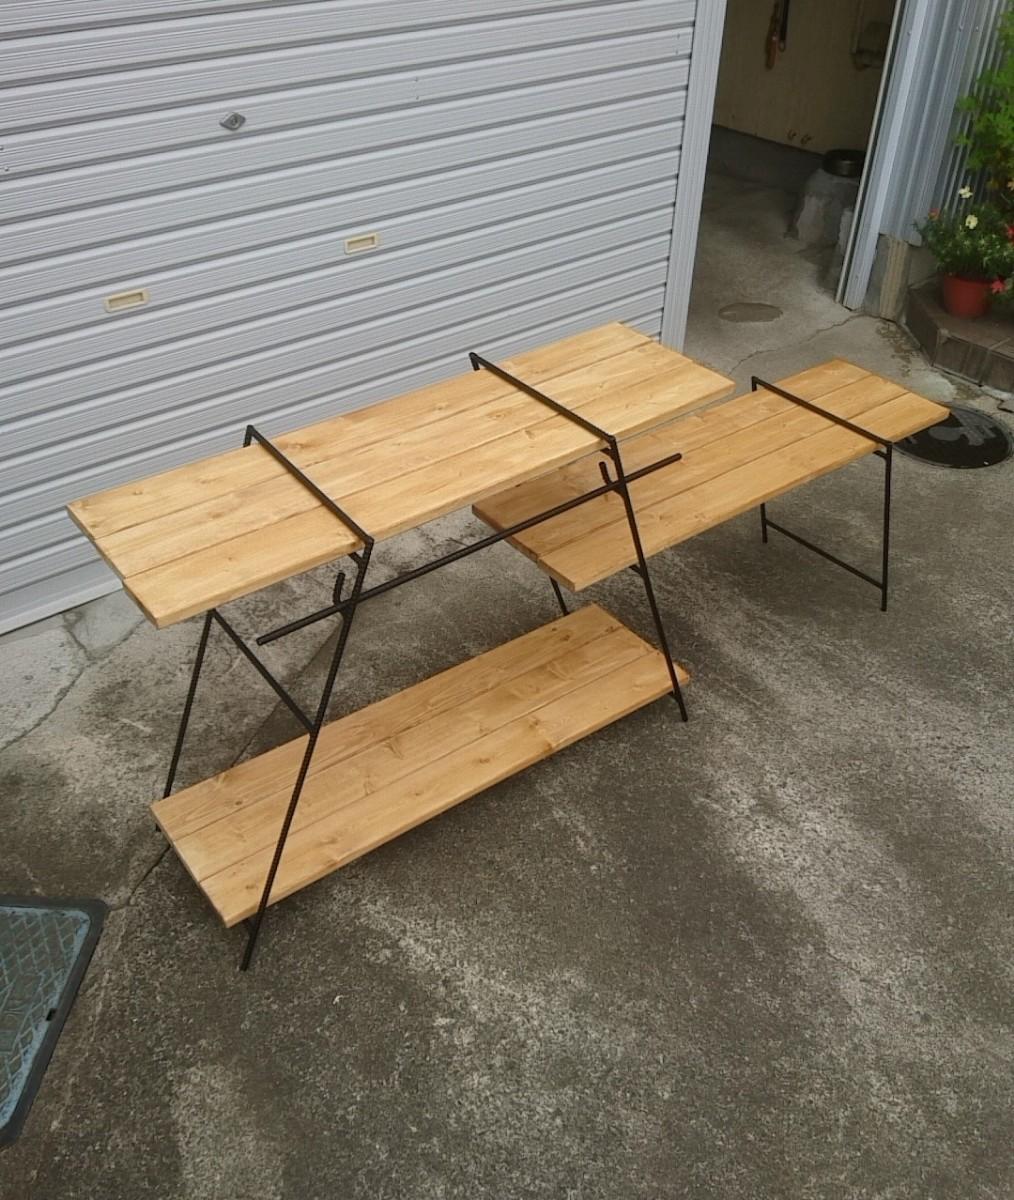 アイアンラック アイアンテーブル  キャンプ アウトドア 多肉植物 棚 テーブル  アイアンシェルフ